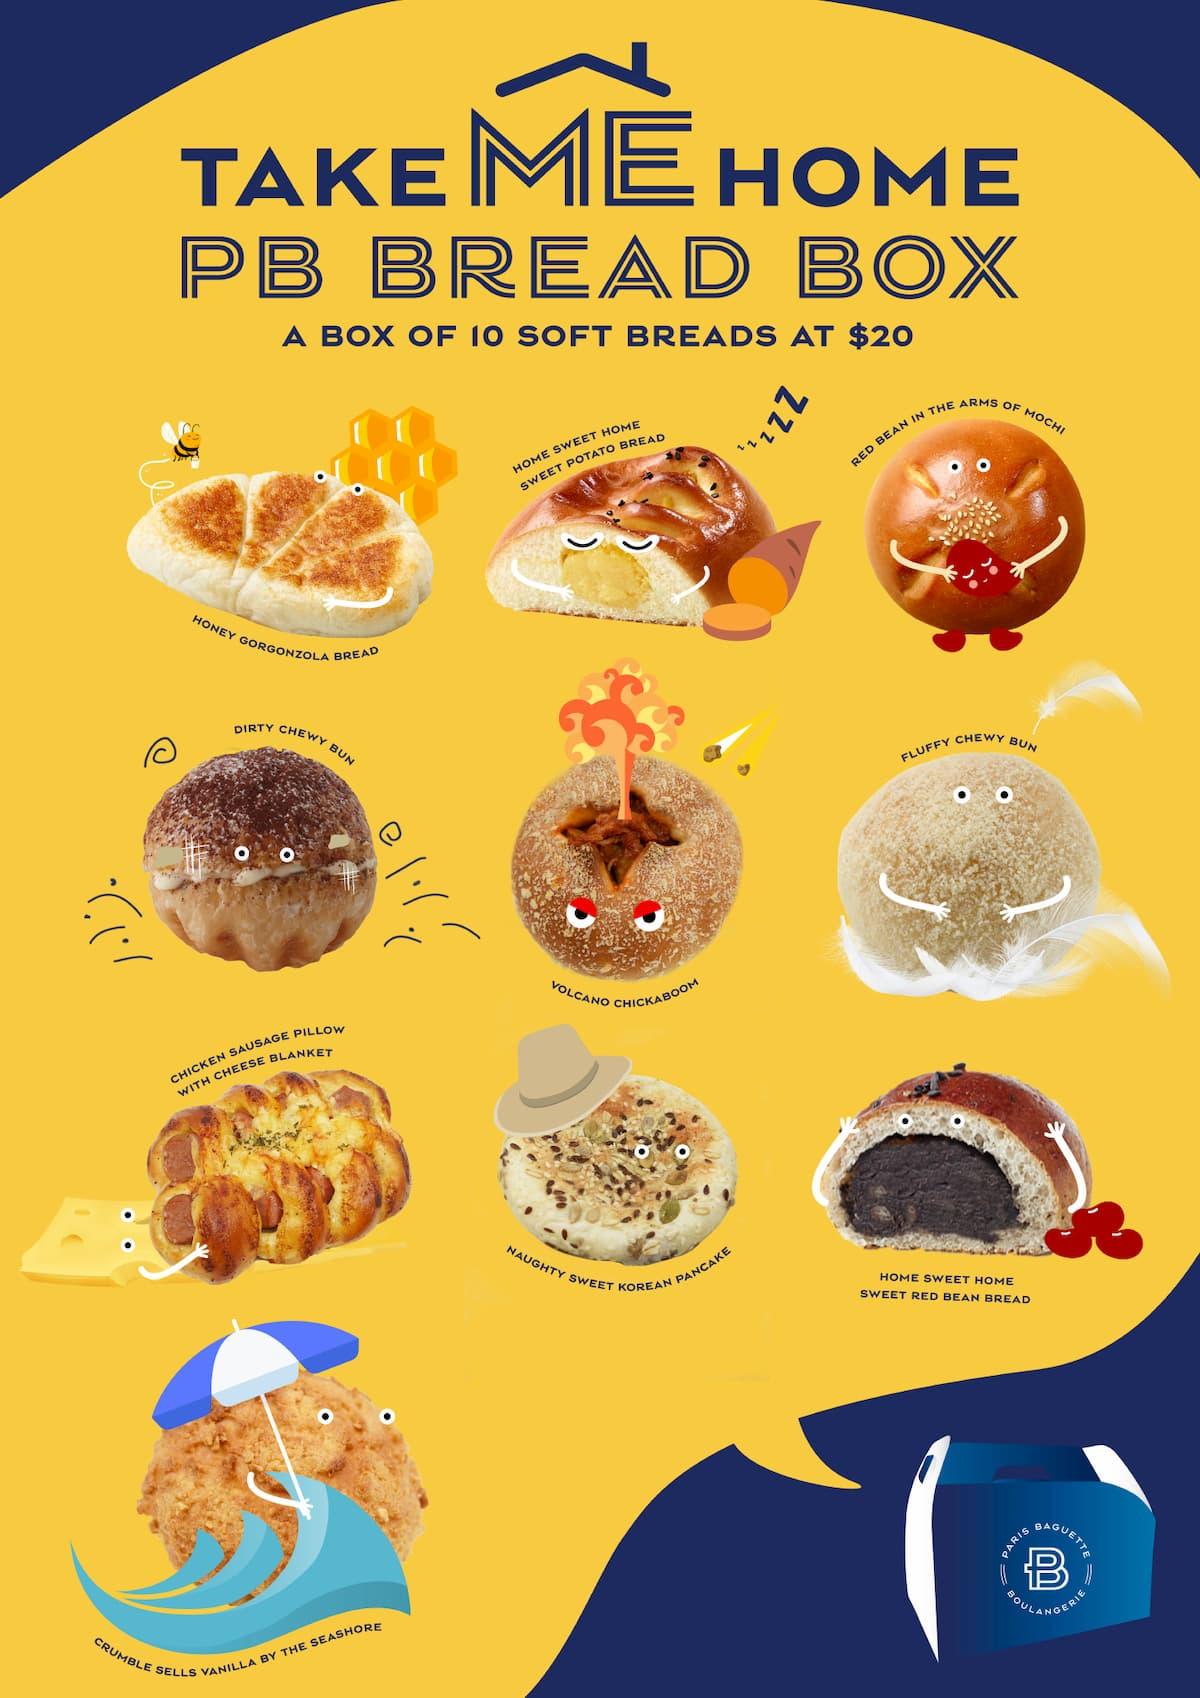 Paris Baguette Korean Soft Buns - Bread Box